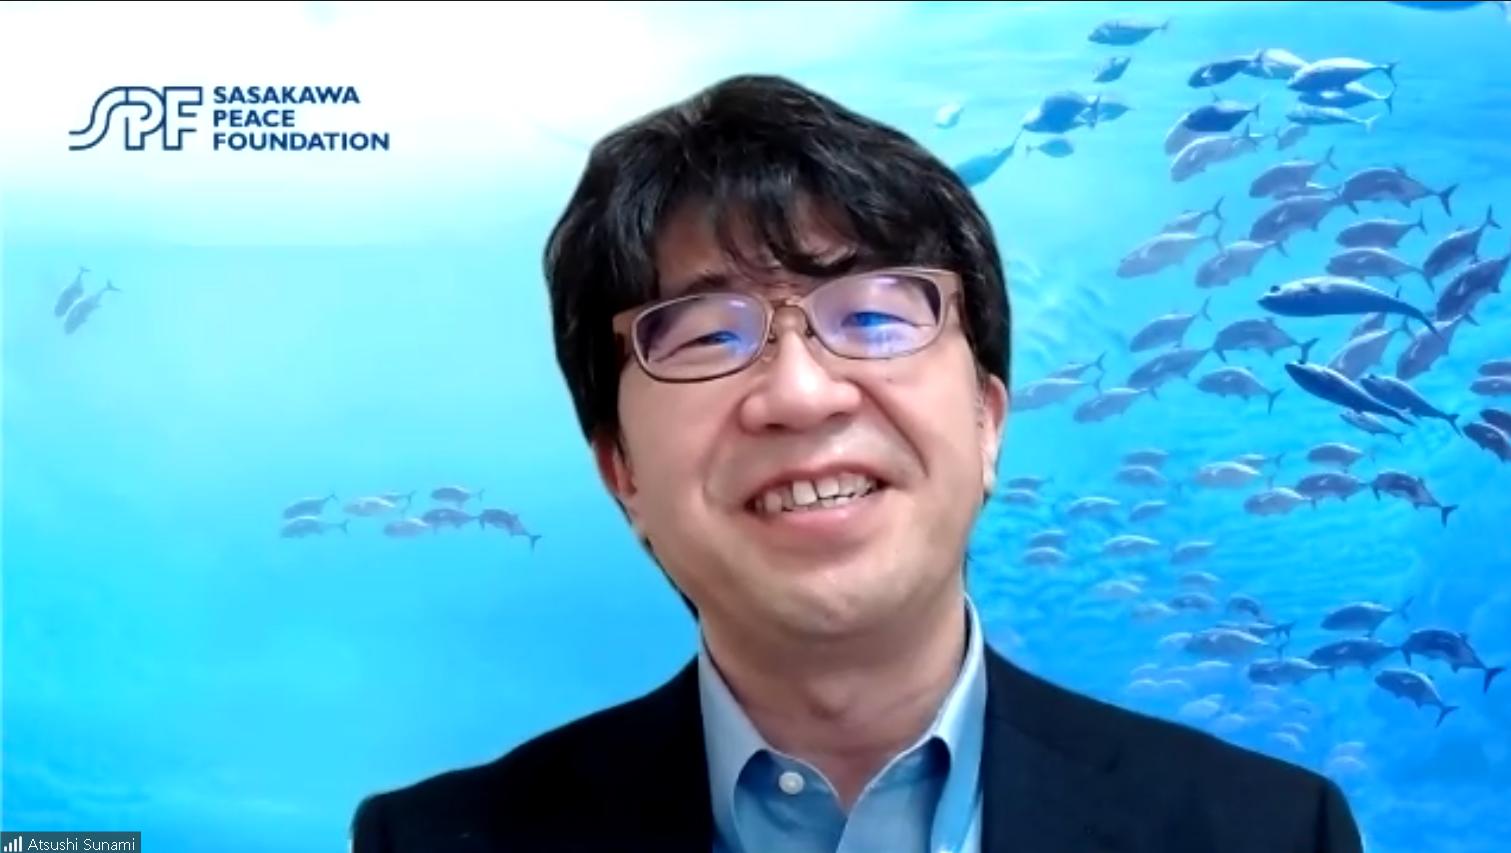 SPF Chairman Atsushi Sunami